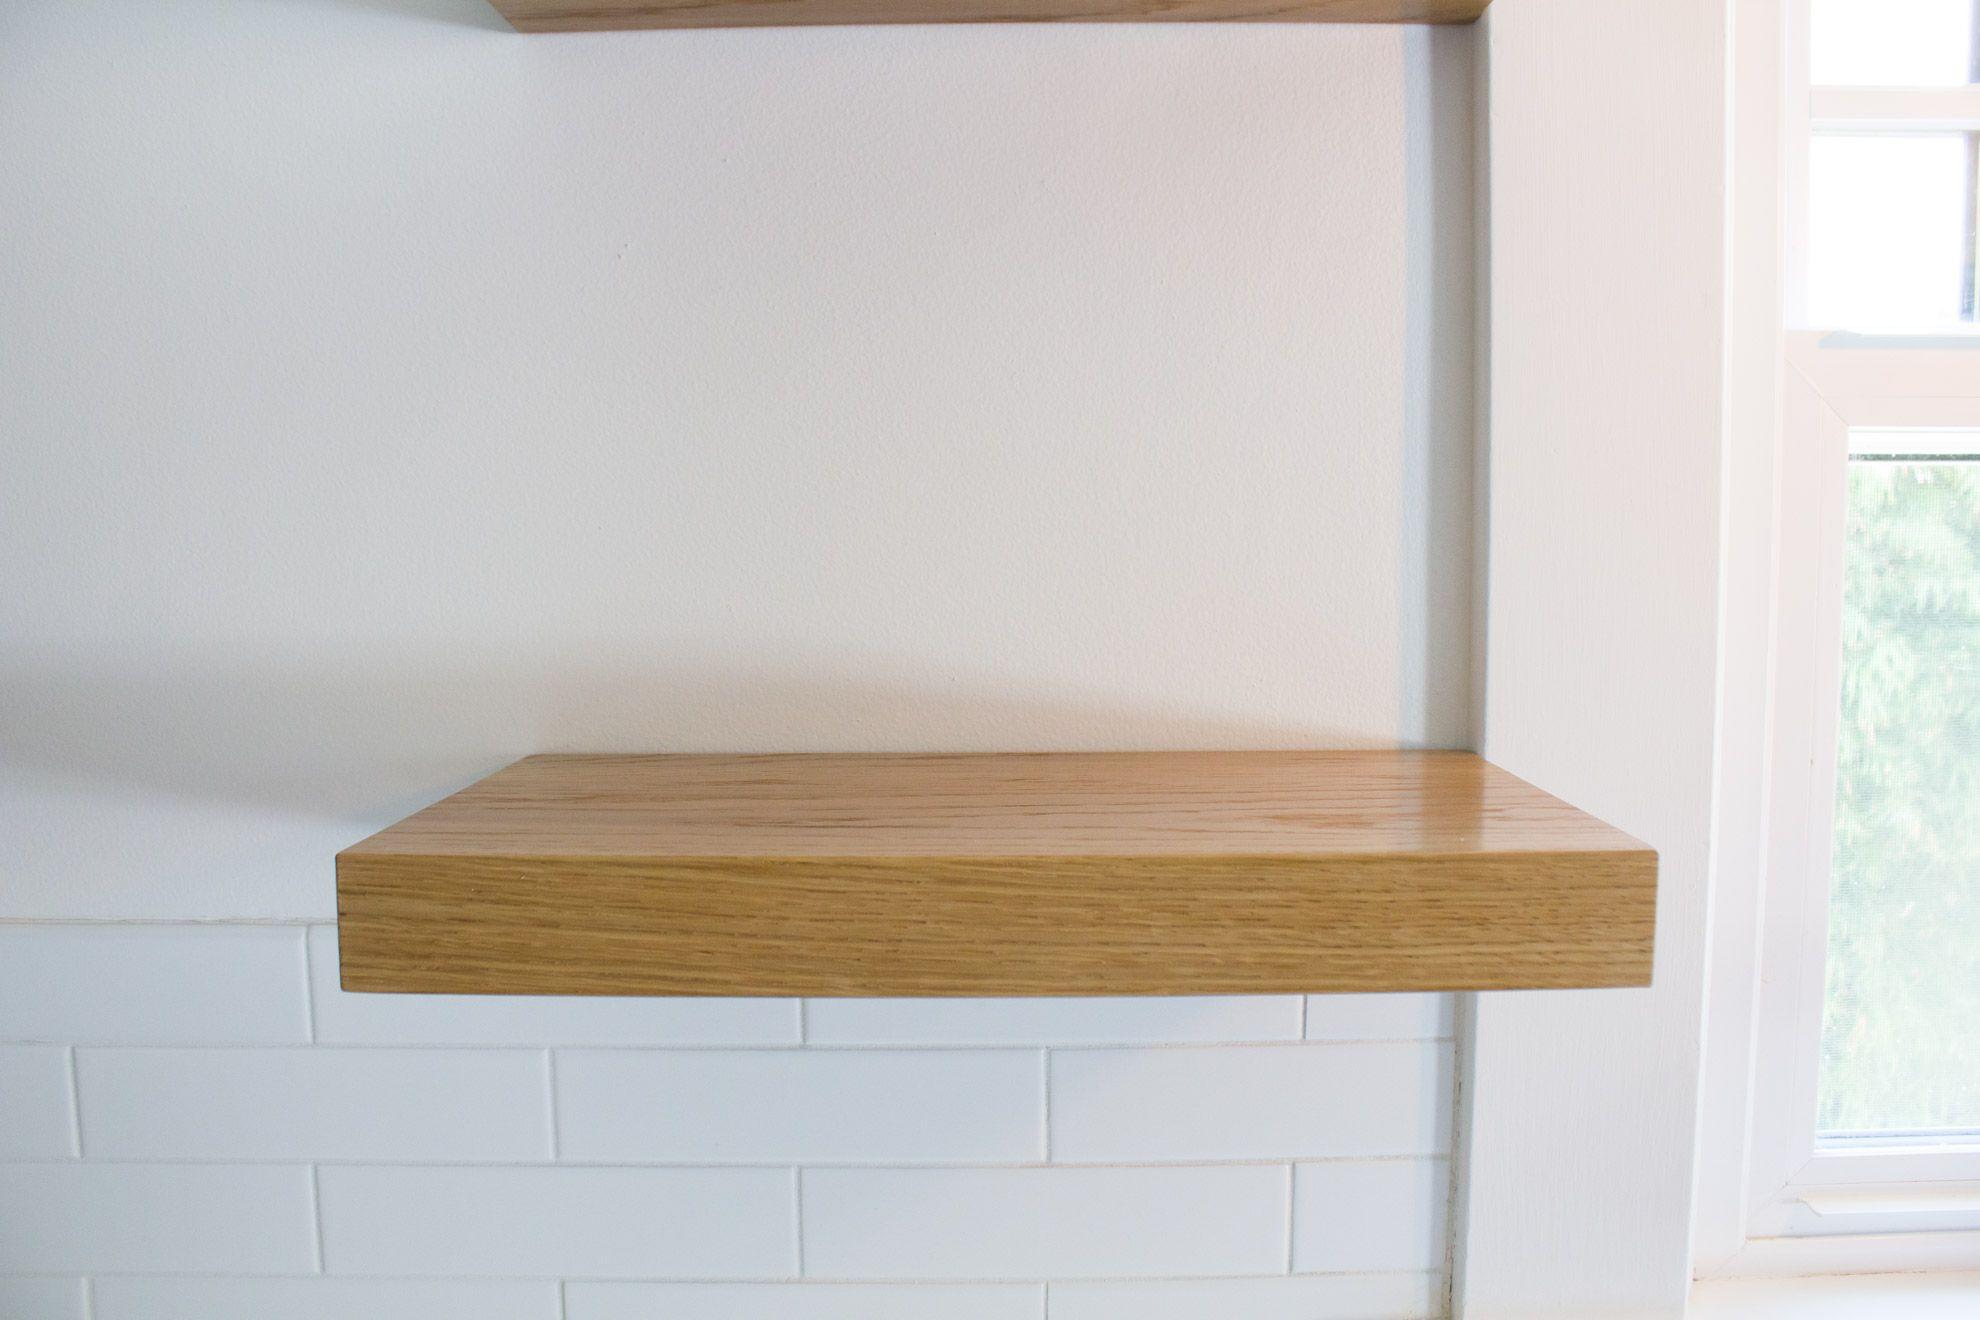 White Oak Floating Shelves